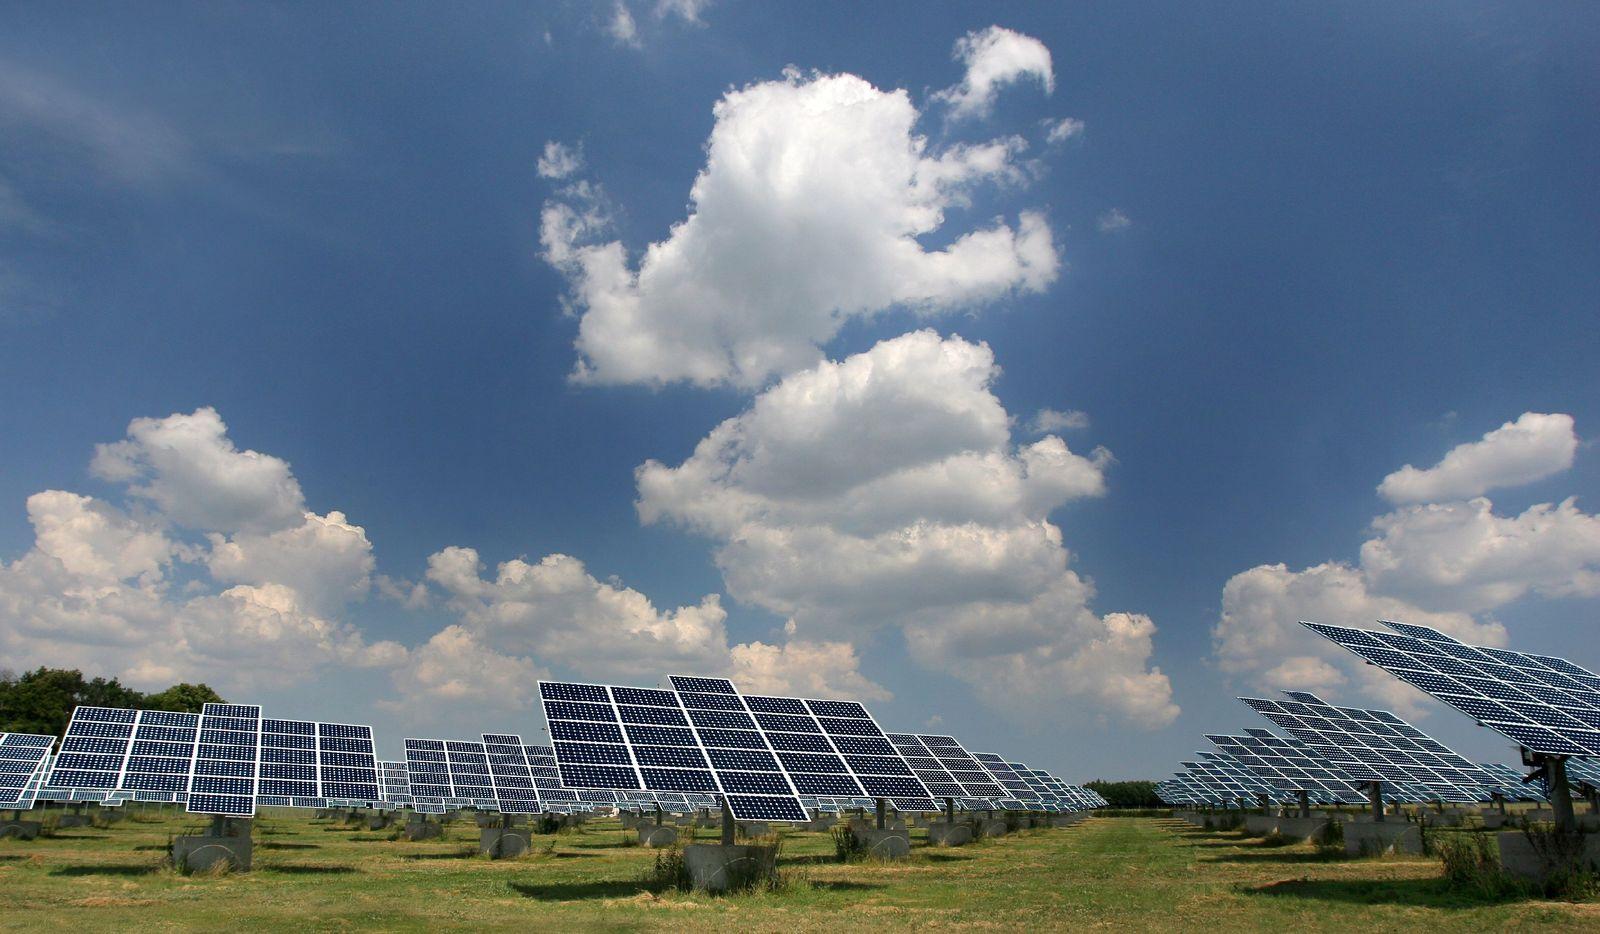 SolarWorld AG in Freiberg